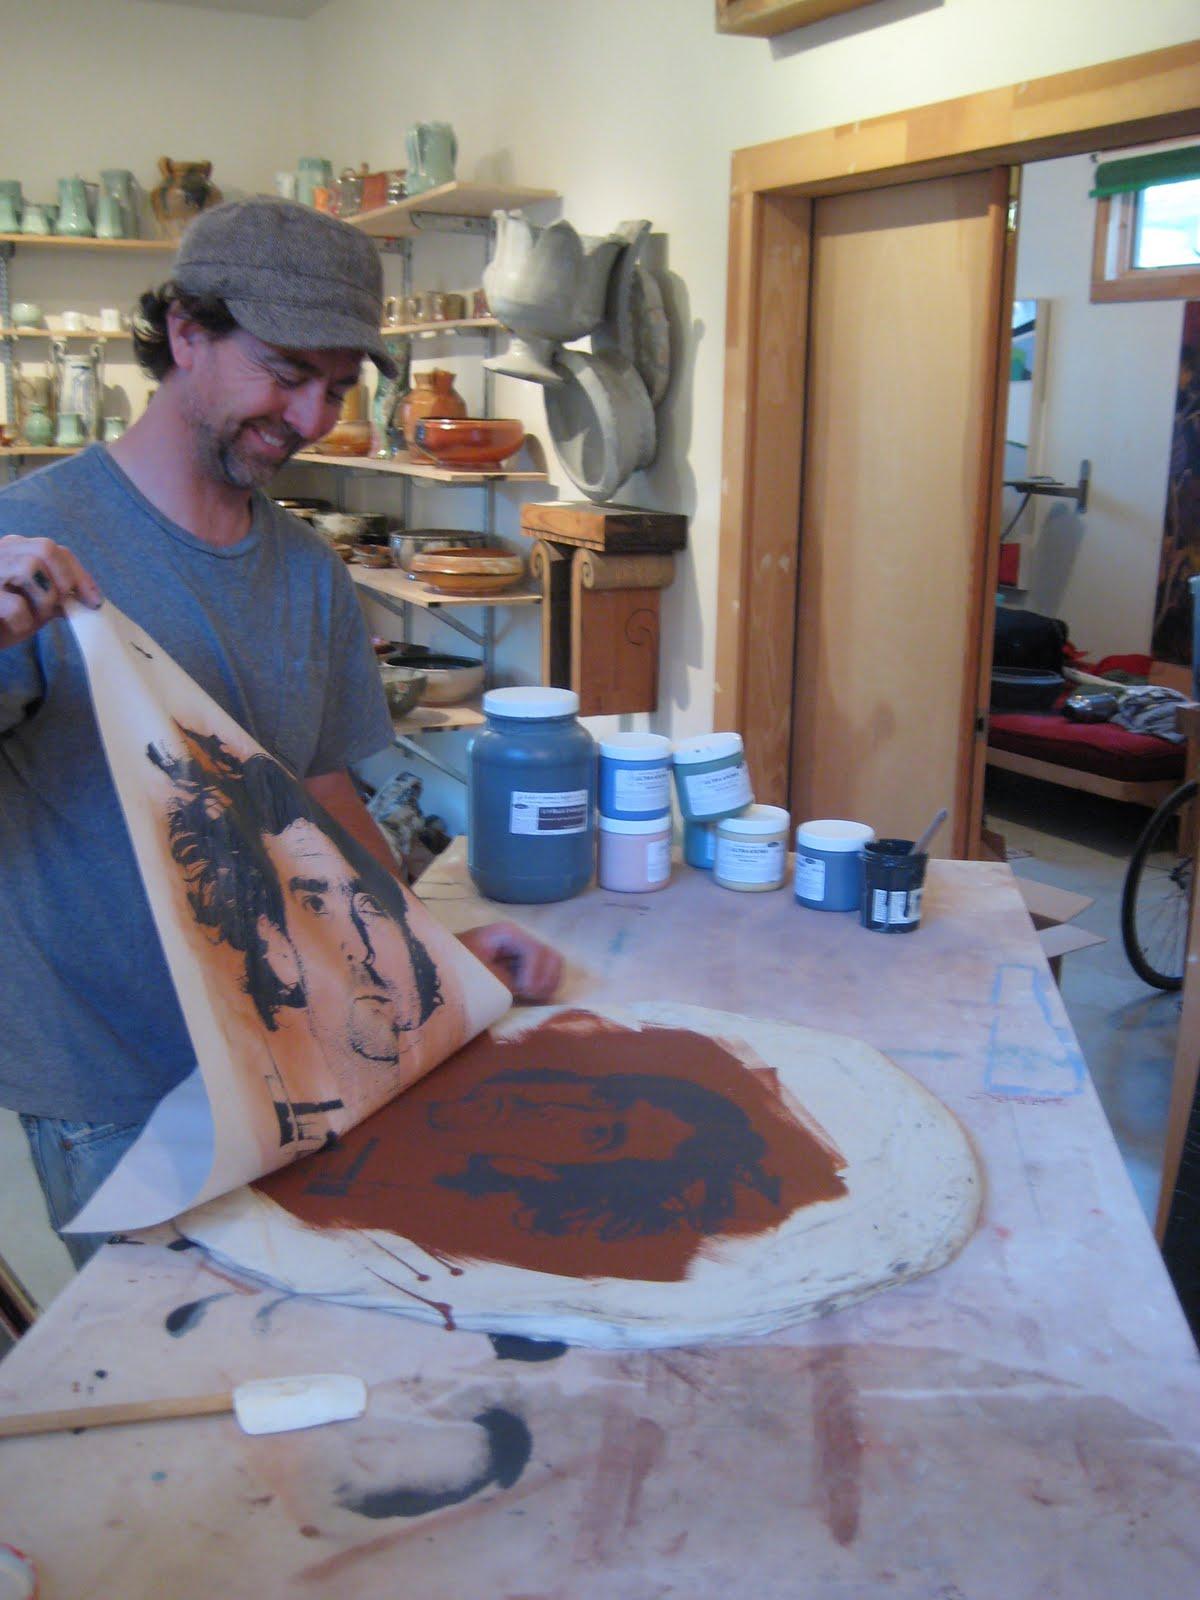 Leslie Ceramic Supply Co Inc Blog Karl Mcdade Workshop